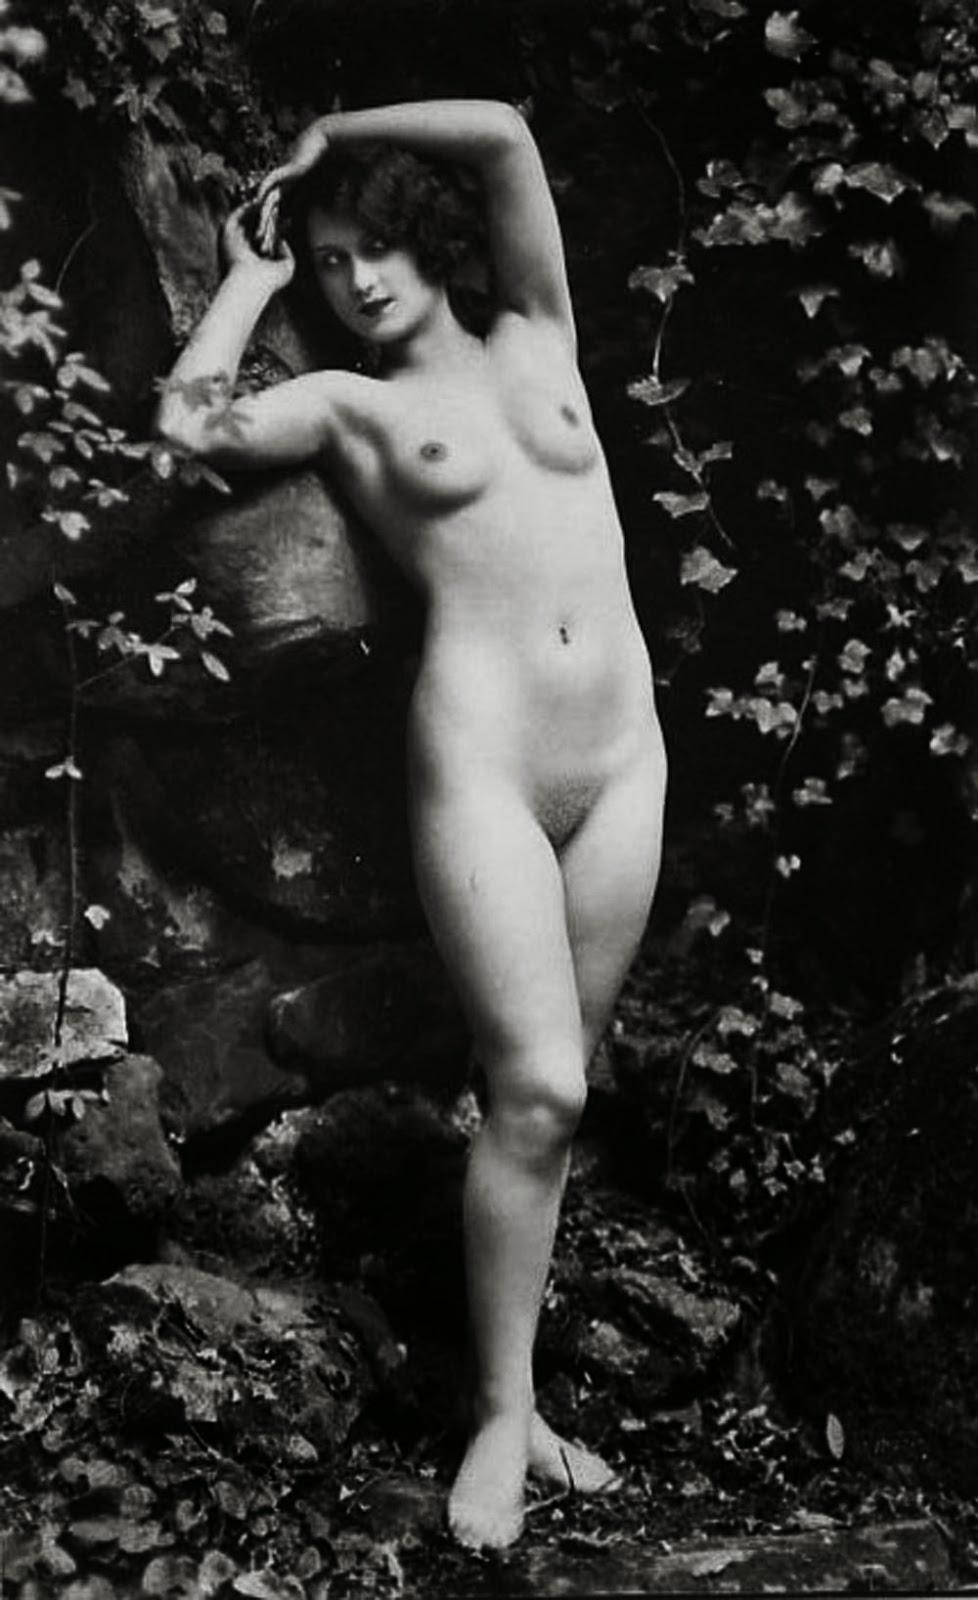 Besos al desnudo entre lesbianas - 1 part 4